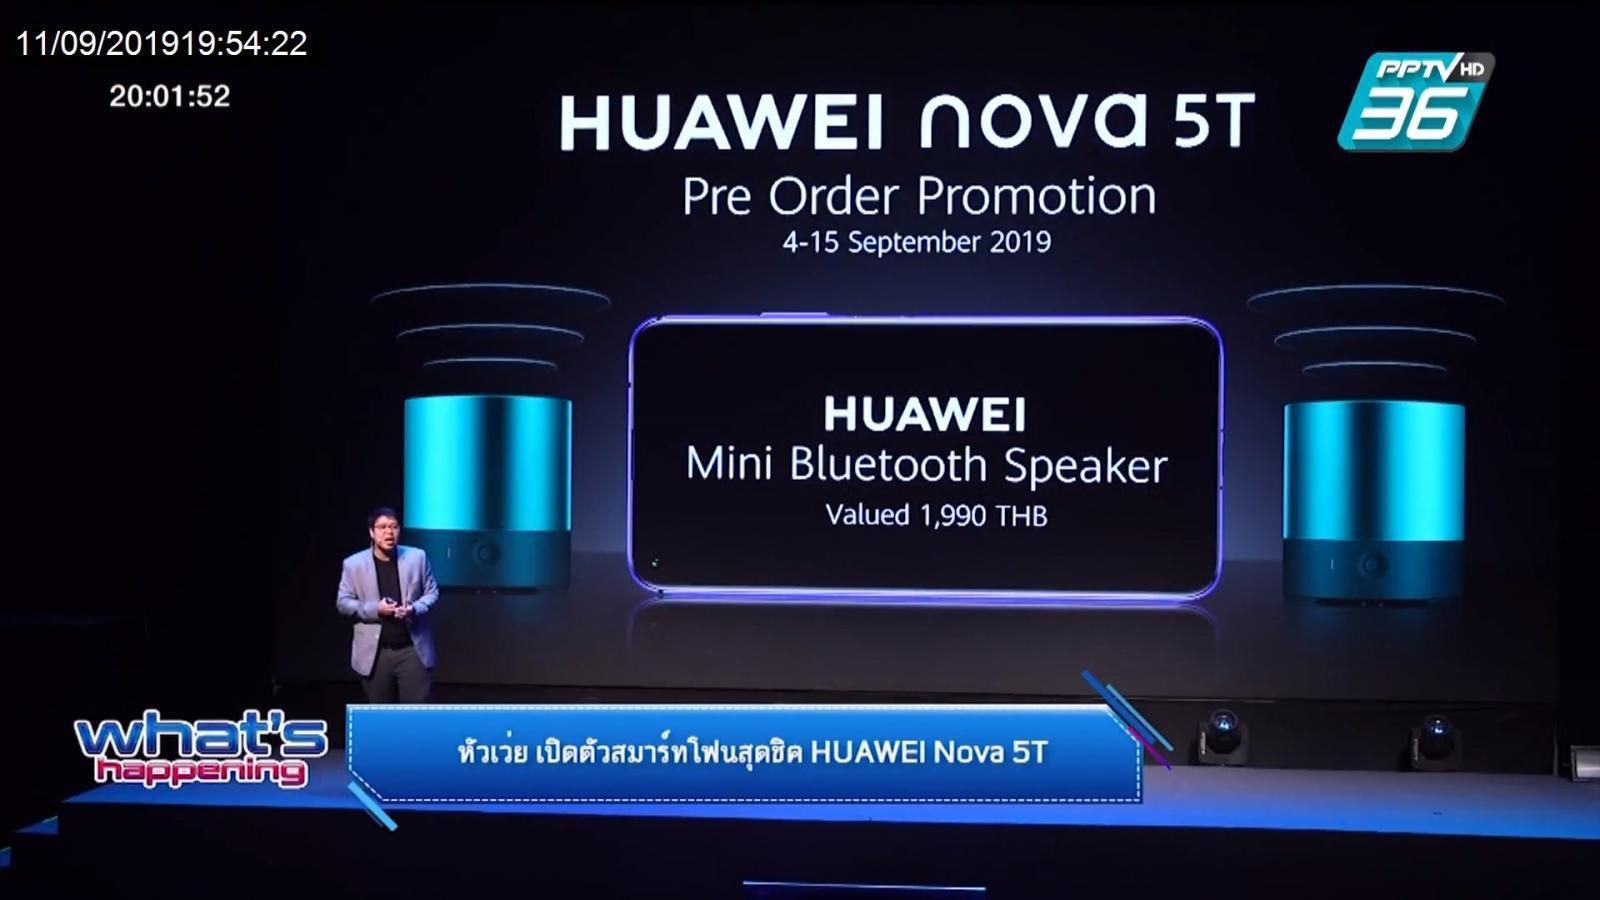 หัวเว่ยเปิดตัว HUAWEI nova 5T สมาร์ทโฟนสุดชิค